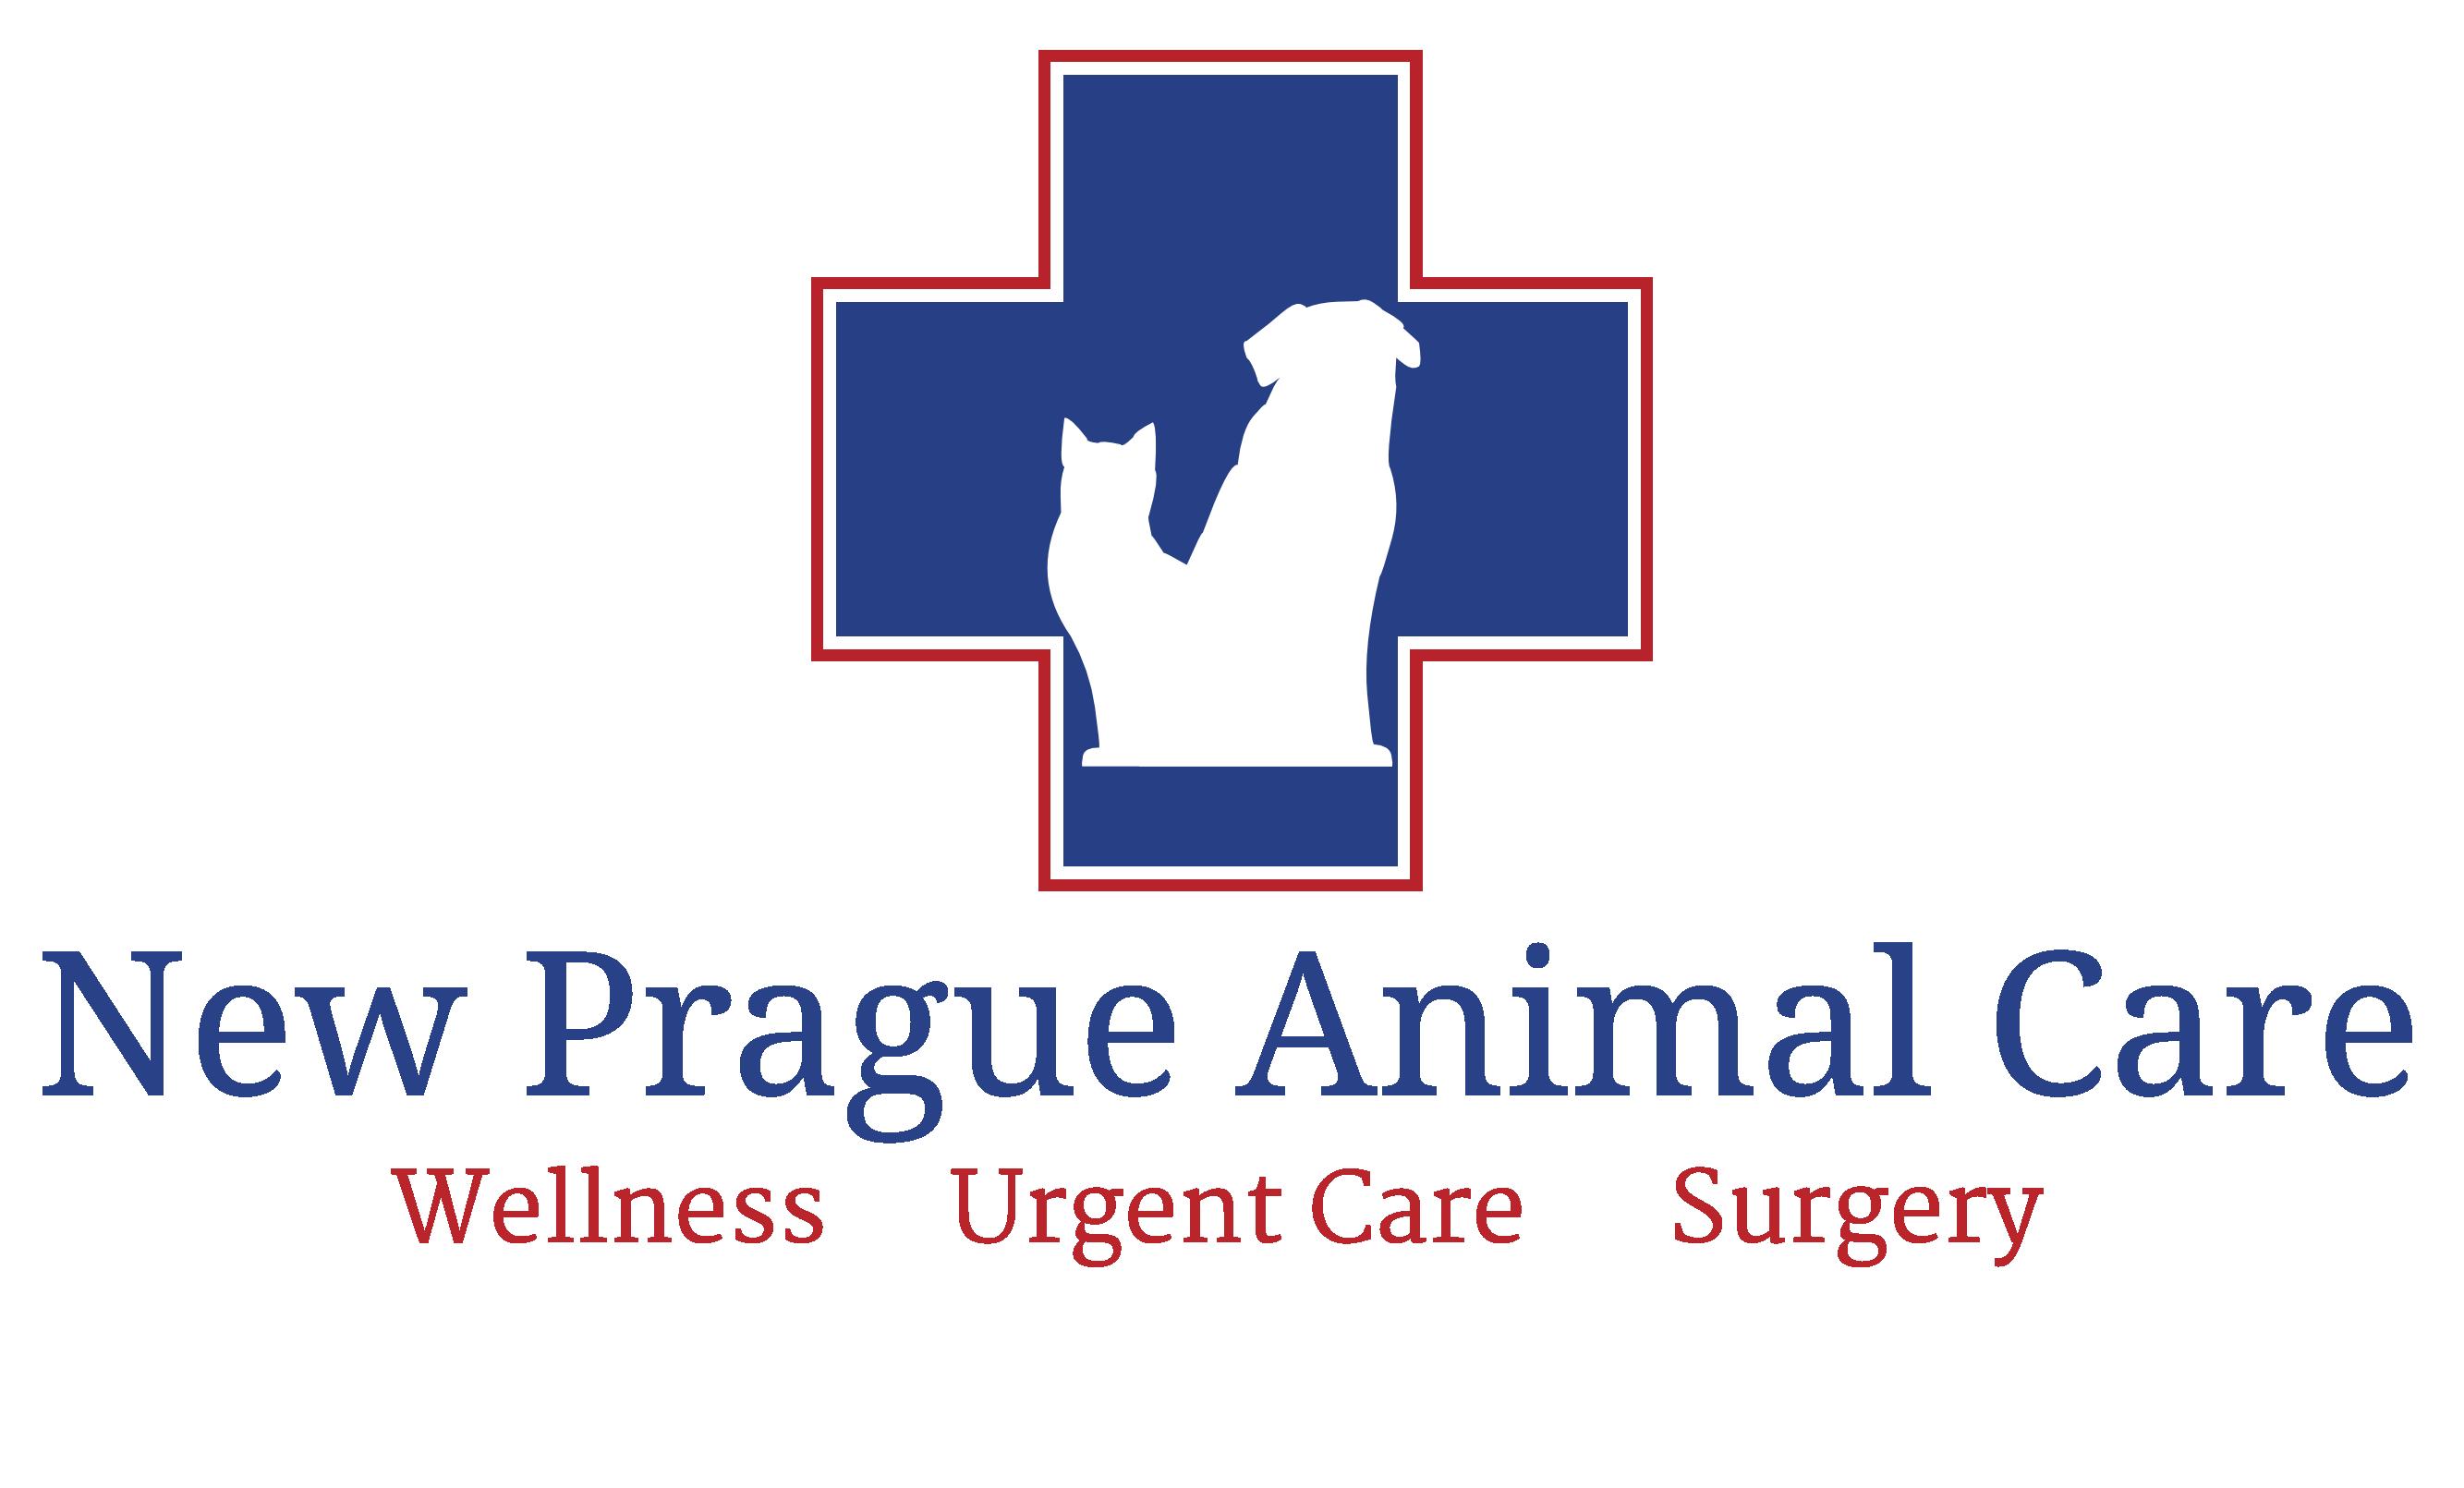 New Prague Animal Care PA